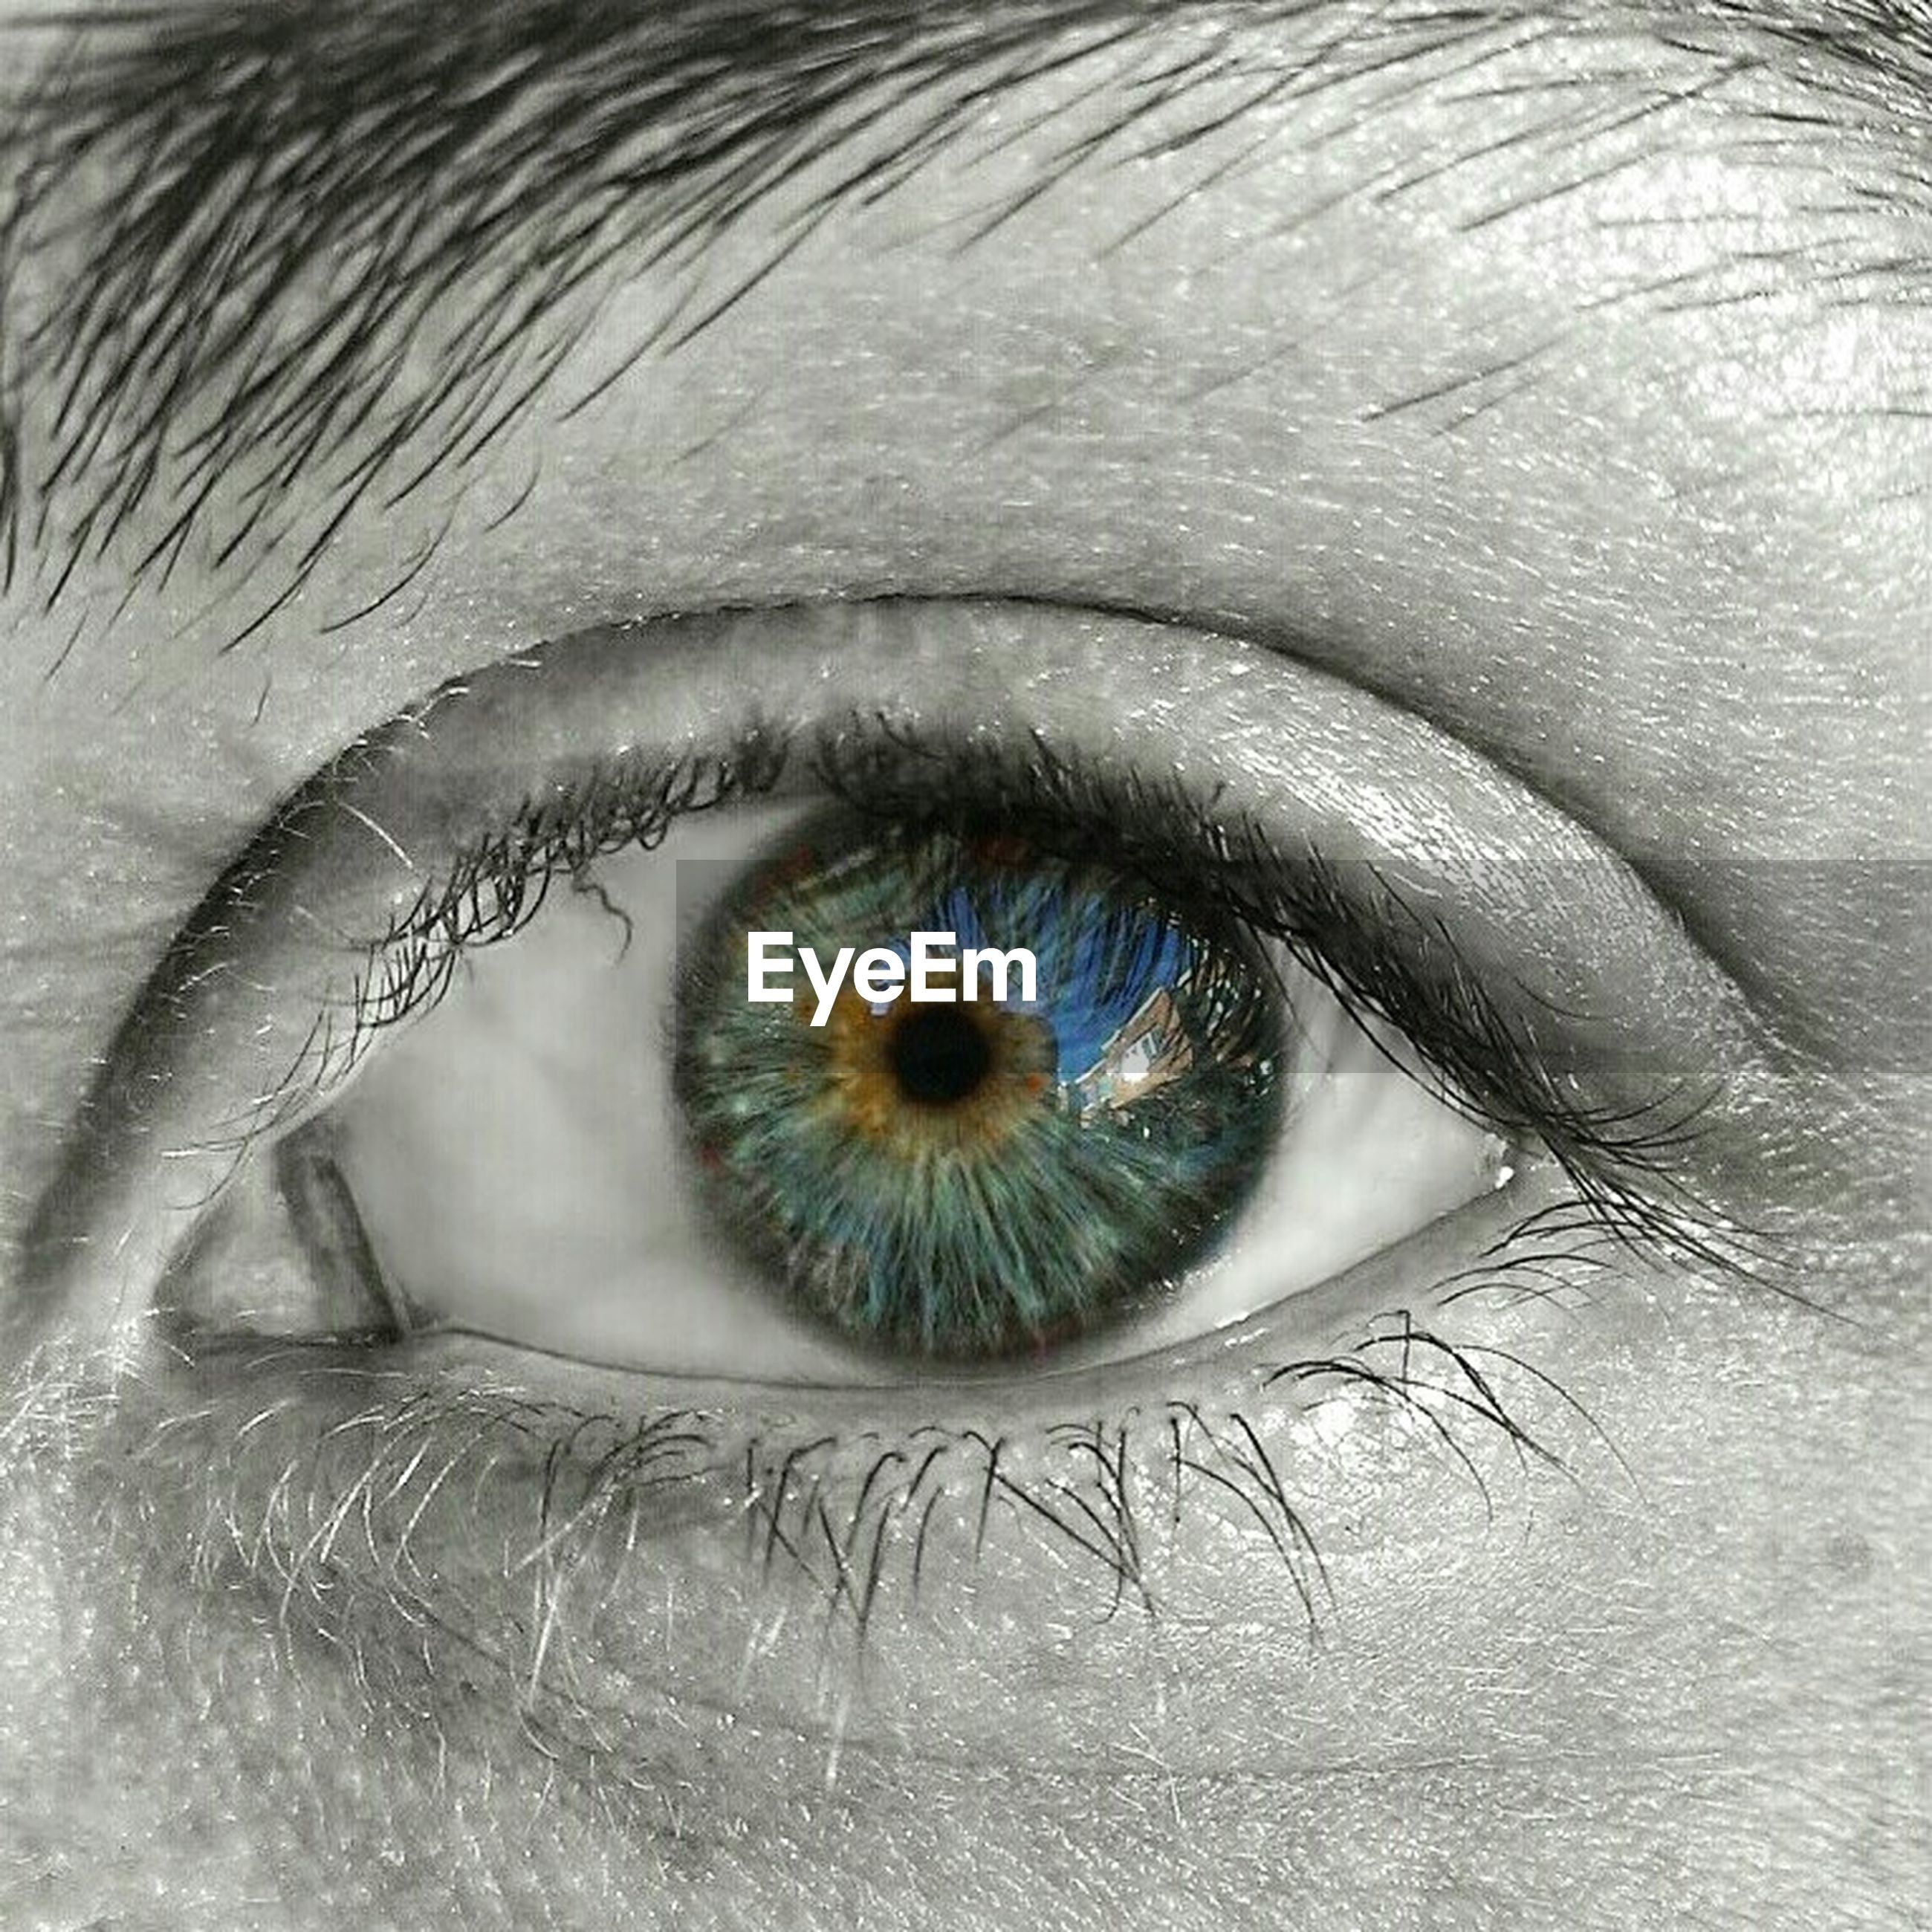 human eye, eyelash, eyesight, close-up, indoors, sensory perception, iris - eye, extreme close-up, full frame, eyeball, looking at camera, part of, portrait, backgrounds, human skin, reflection, vision